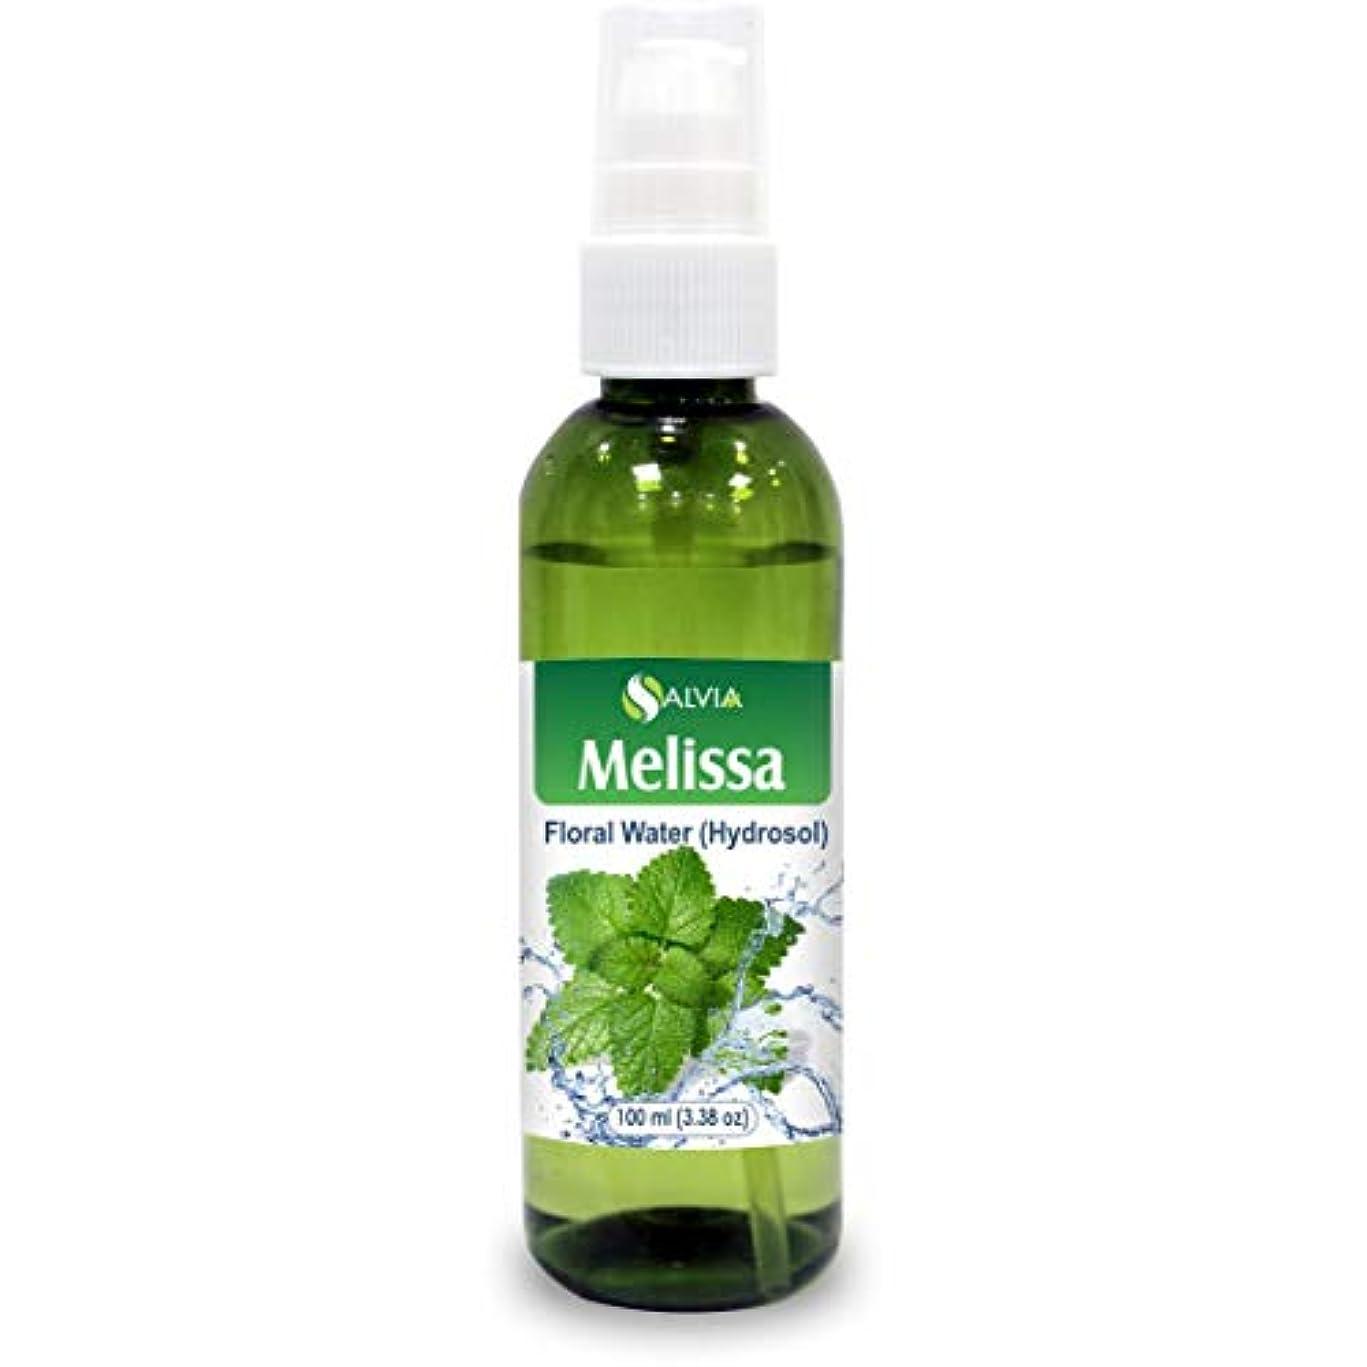 入るアルファベット順研究所Melissa (Lemon Balm) Floral Water 100ml (Hydrosol) 100% Pure And Natural